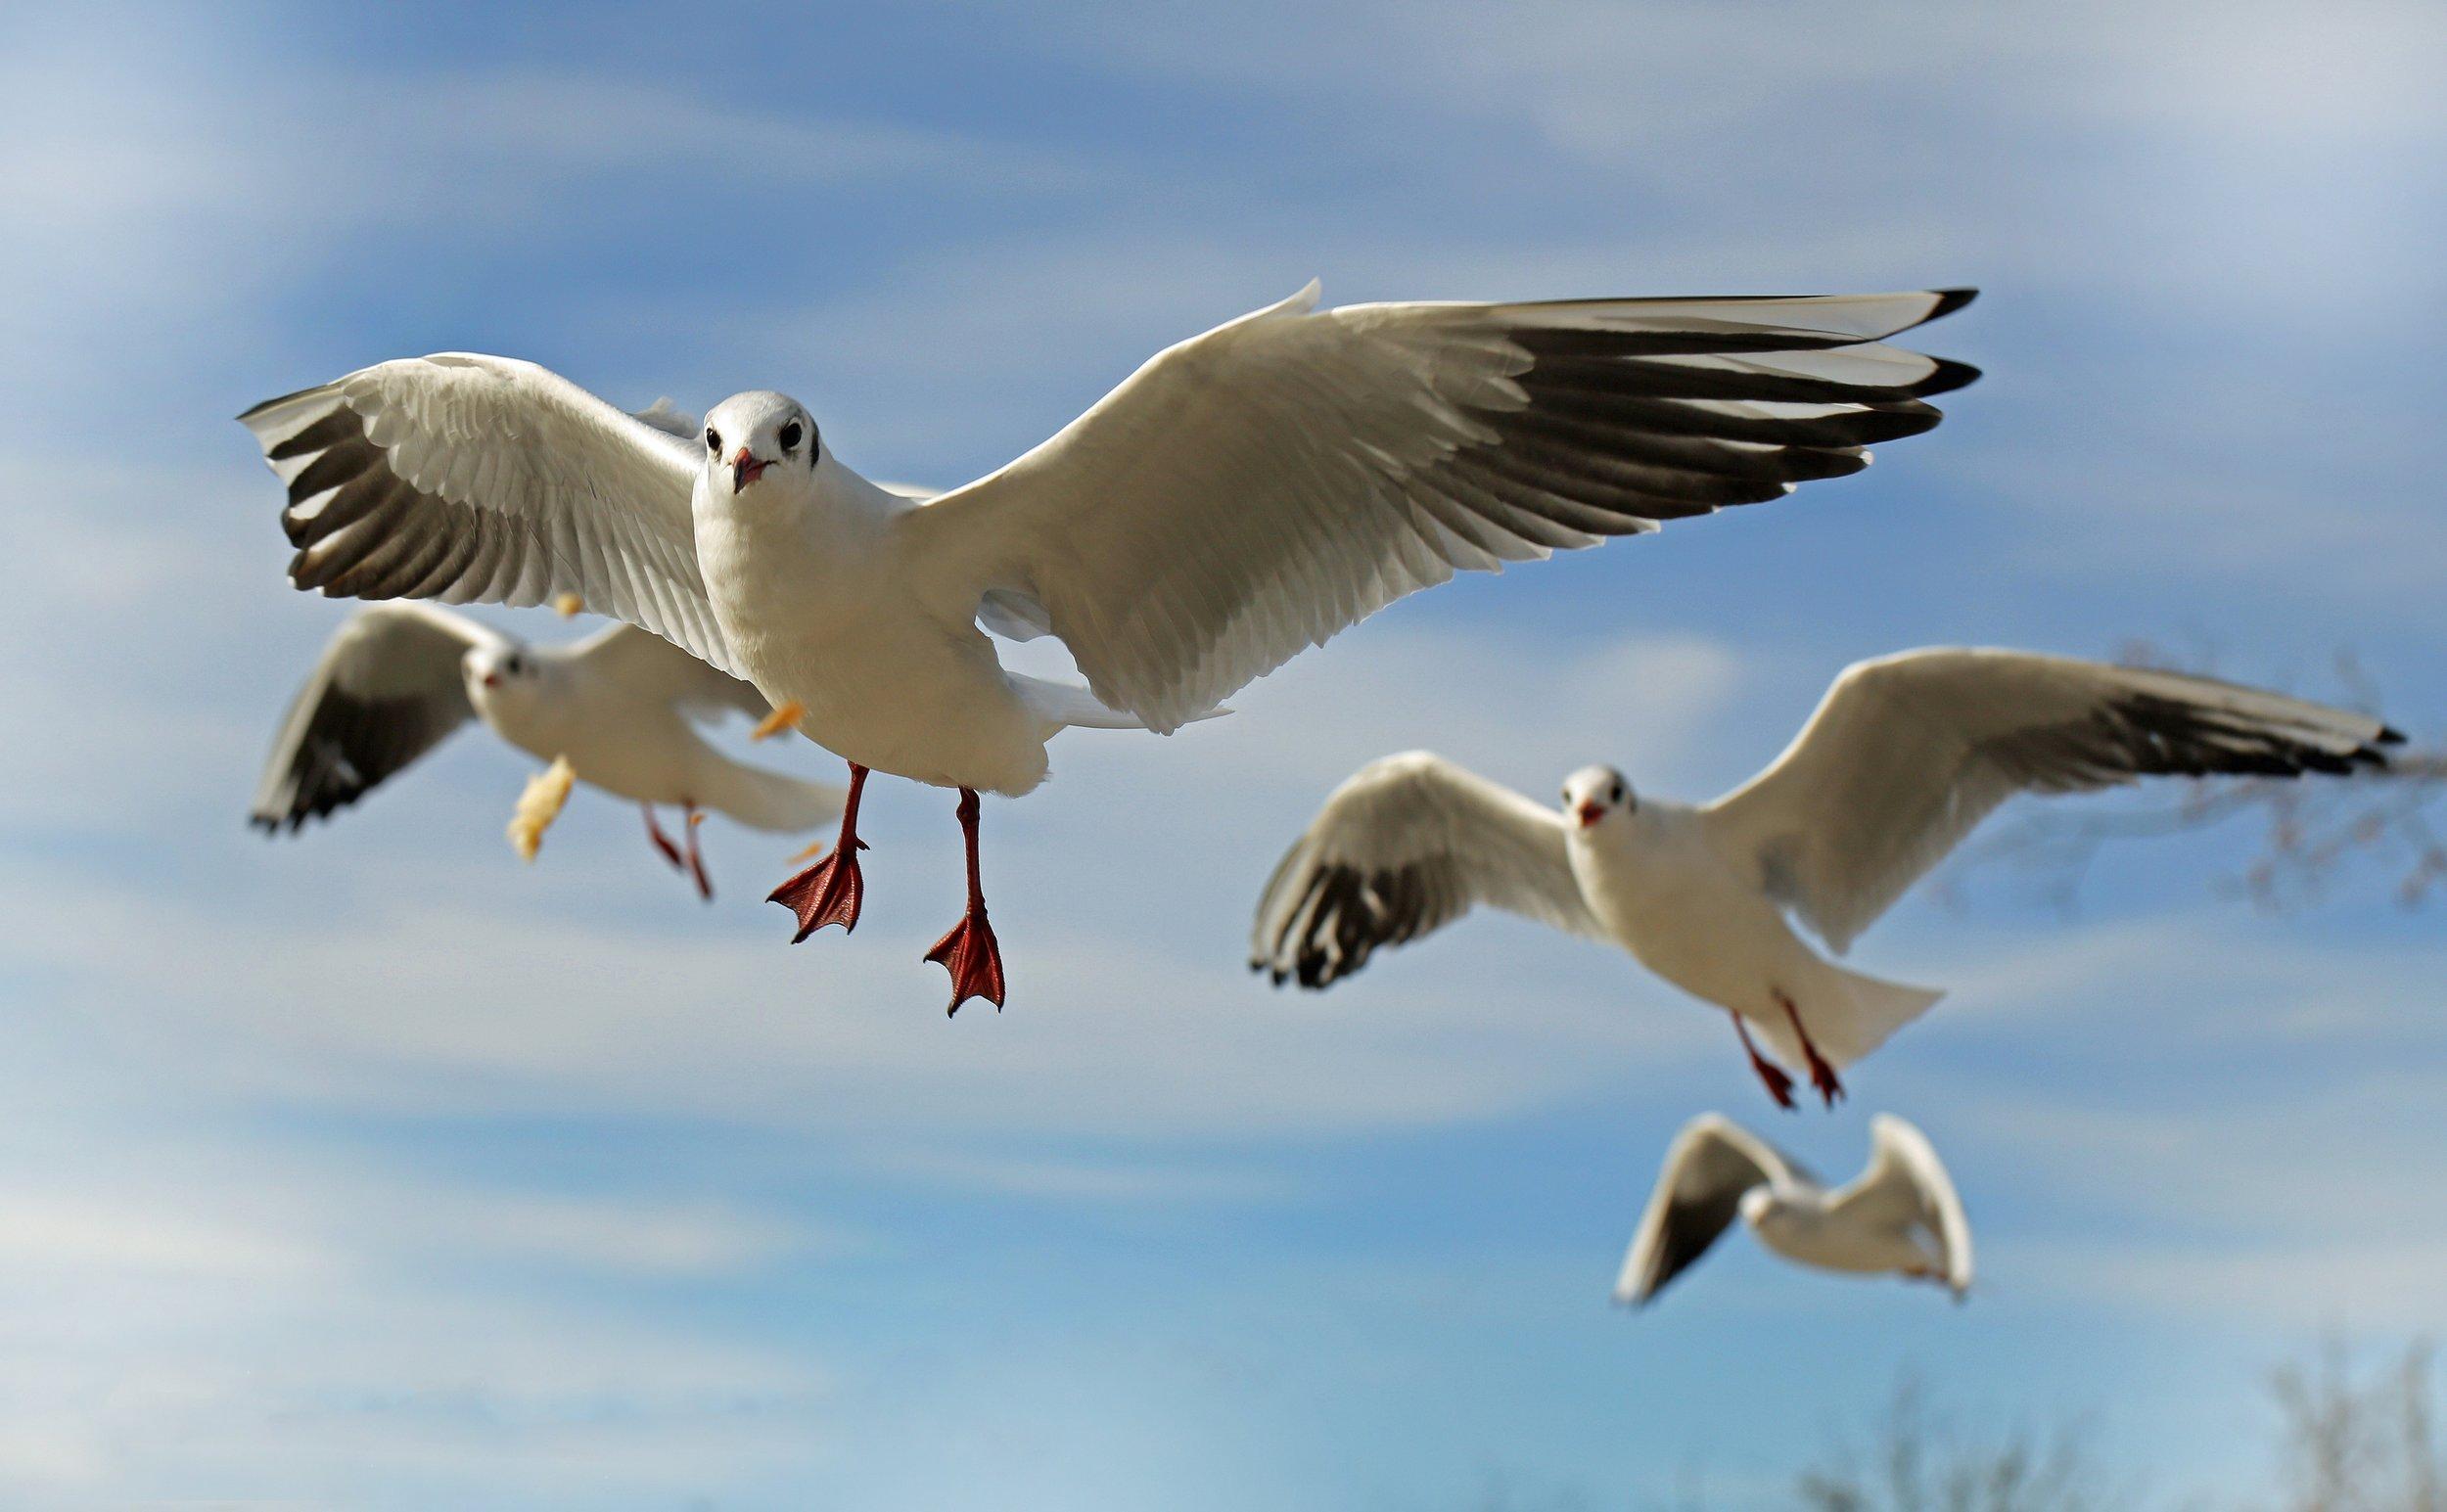 seagull-birds-flying.jpg